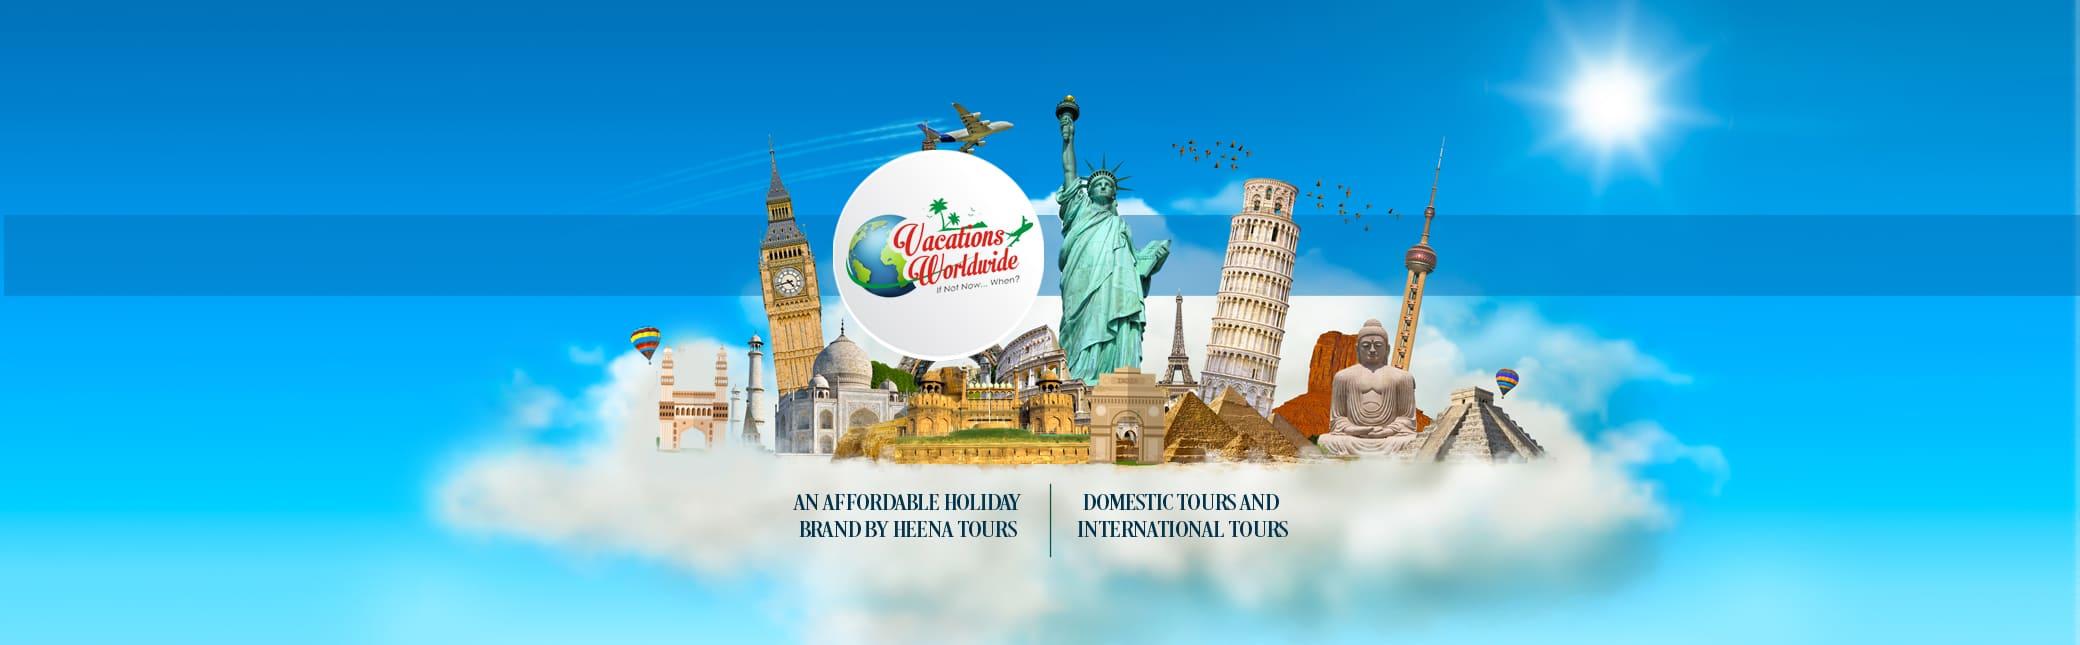 Andaman Vacation Worldwide Tours